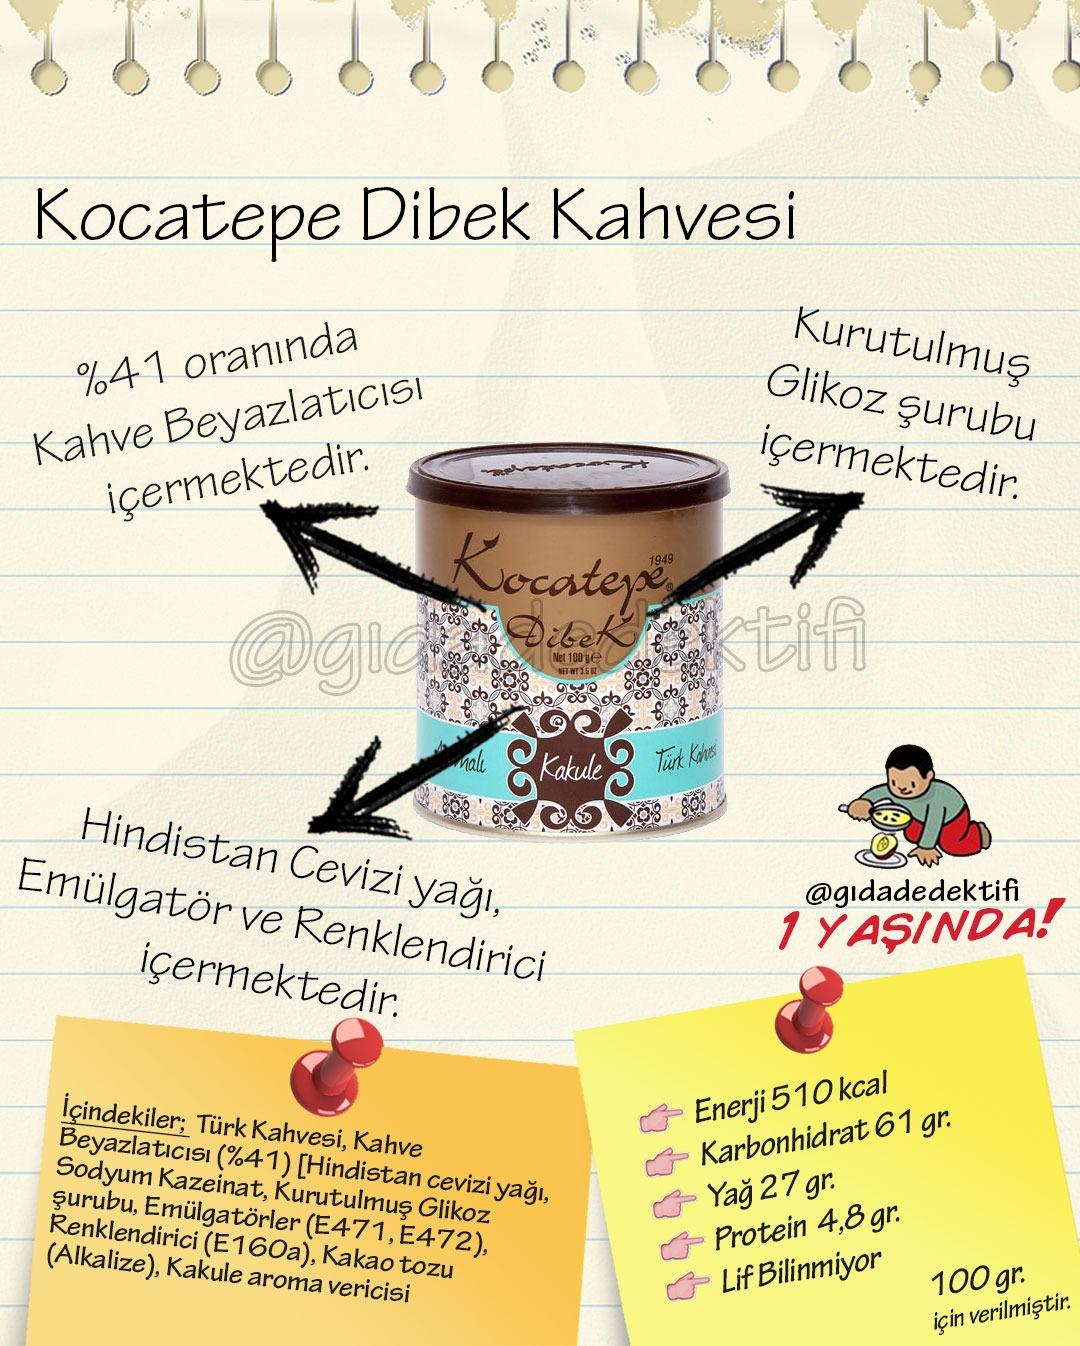 kocatepe dibek kahvesi-1